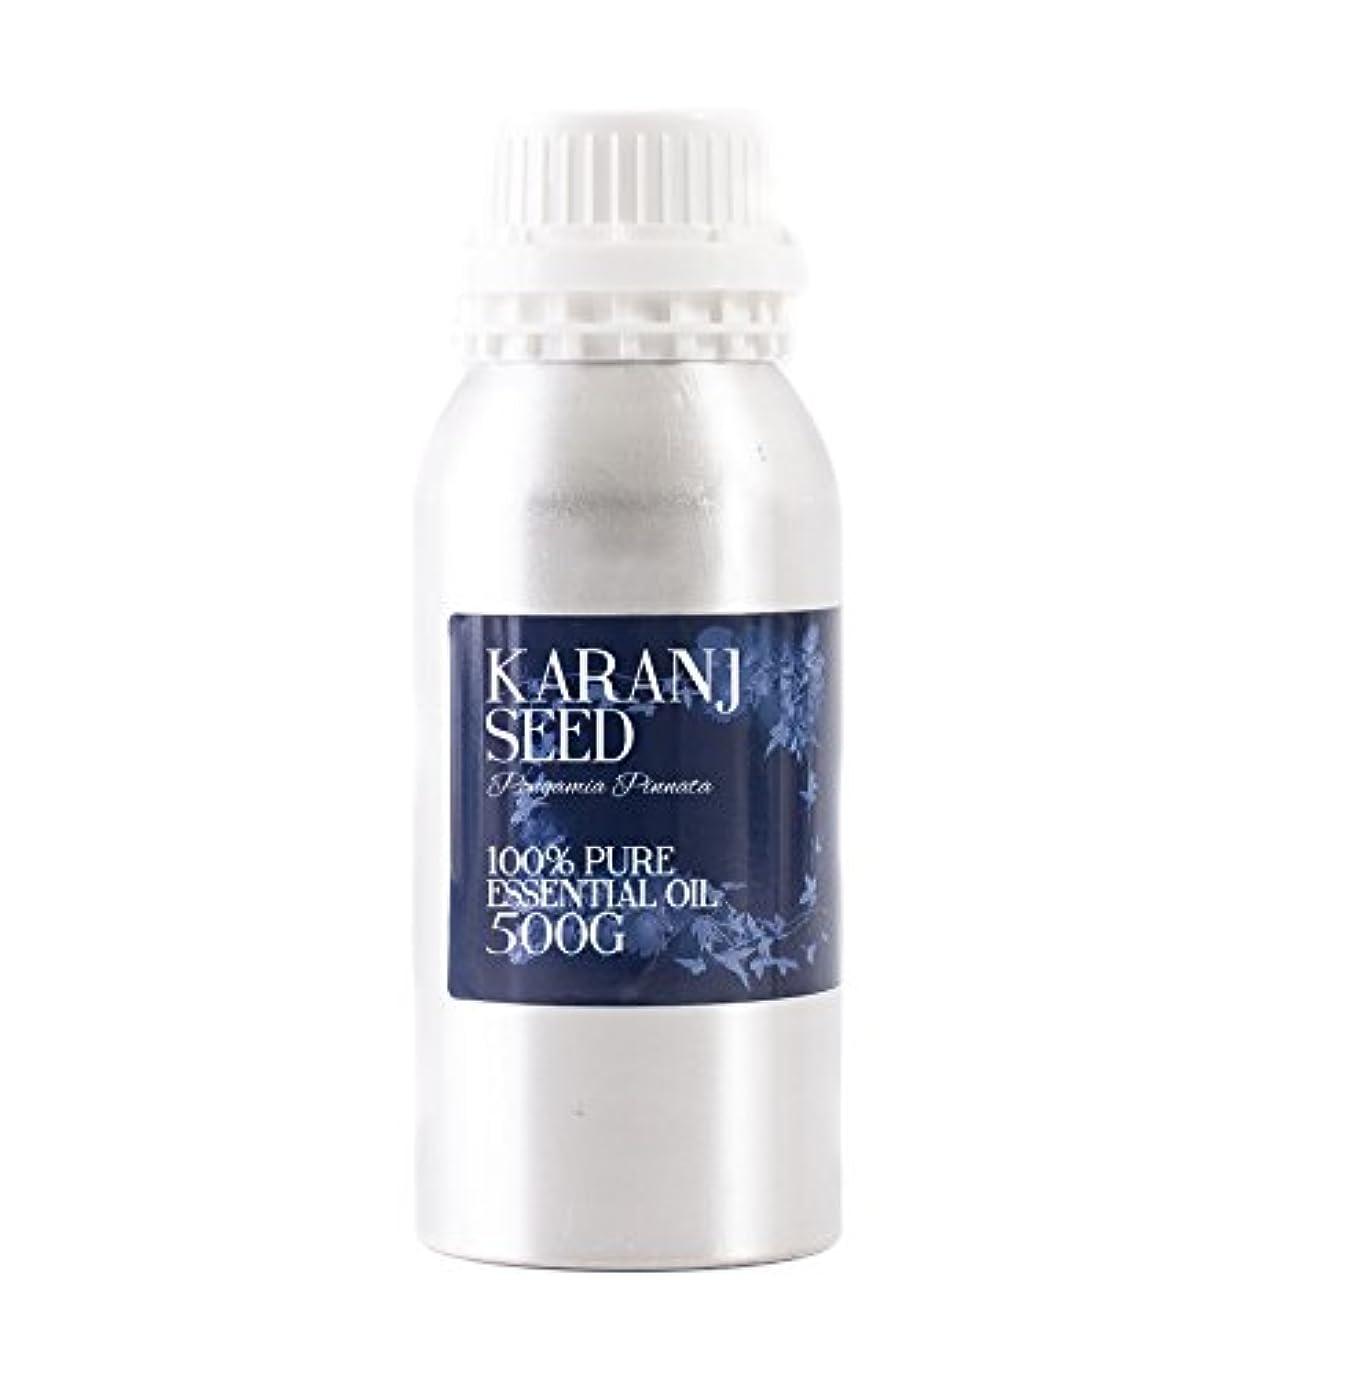 手綱交差点不潔Mystic Moments | Karanj Seed Essential Oil - 500g - 100% Pure